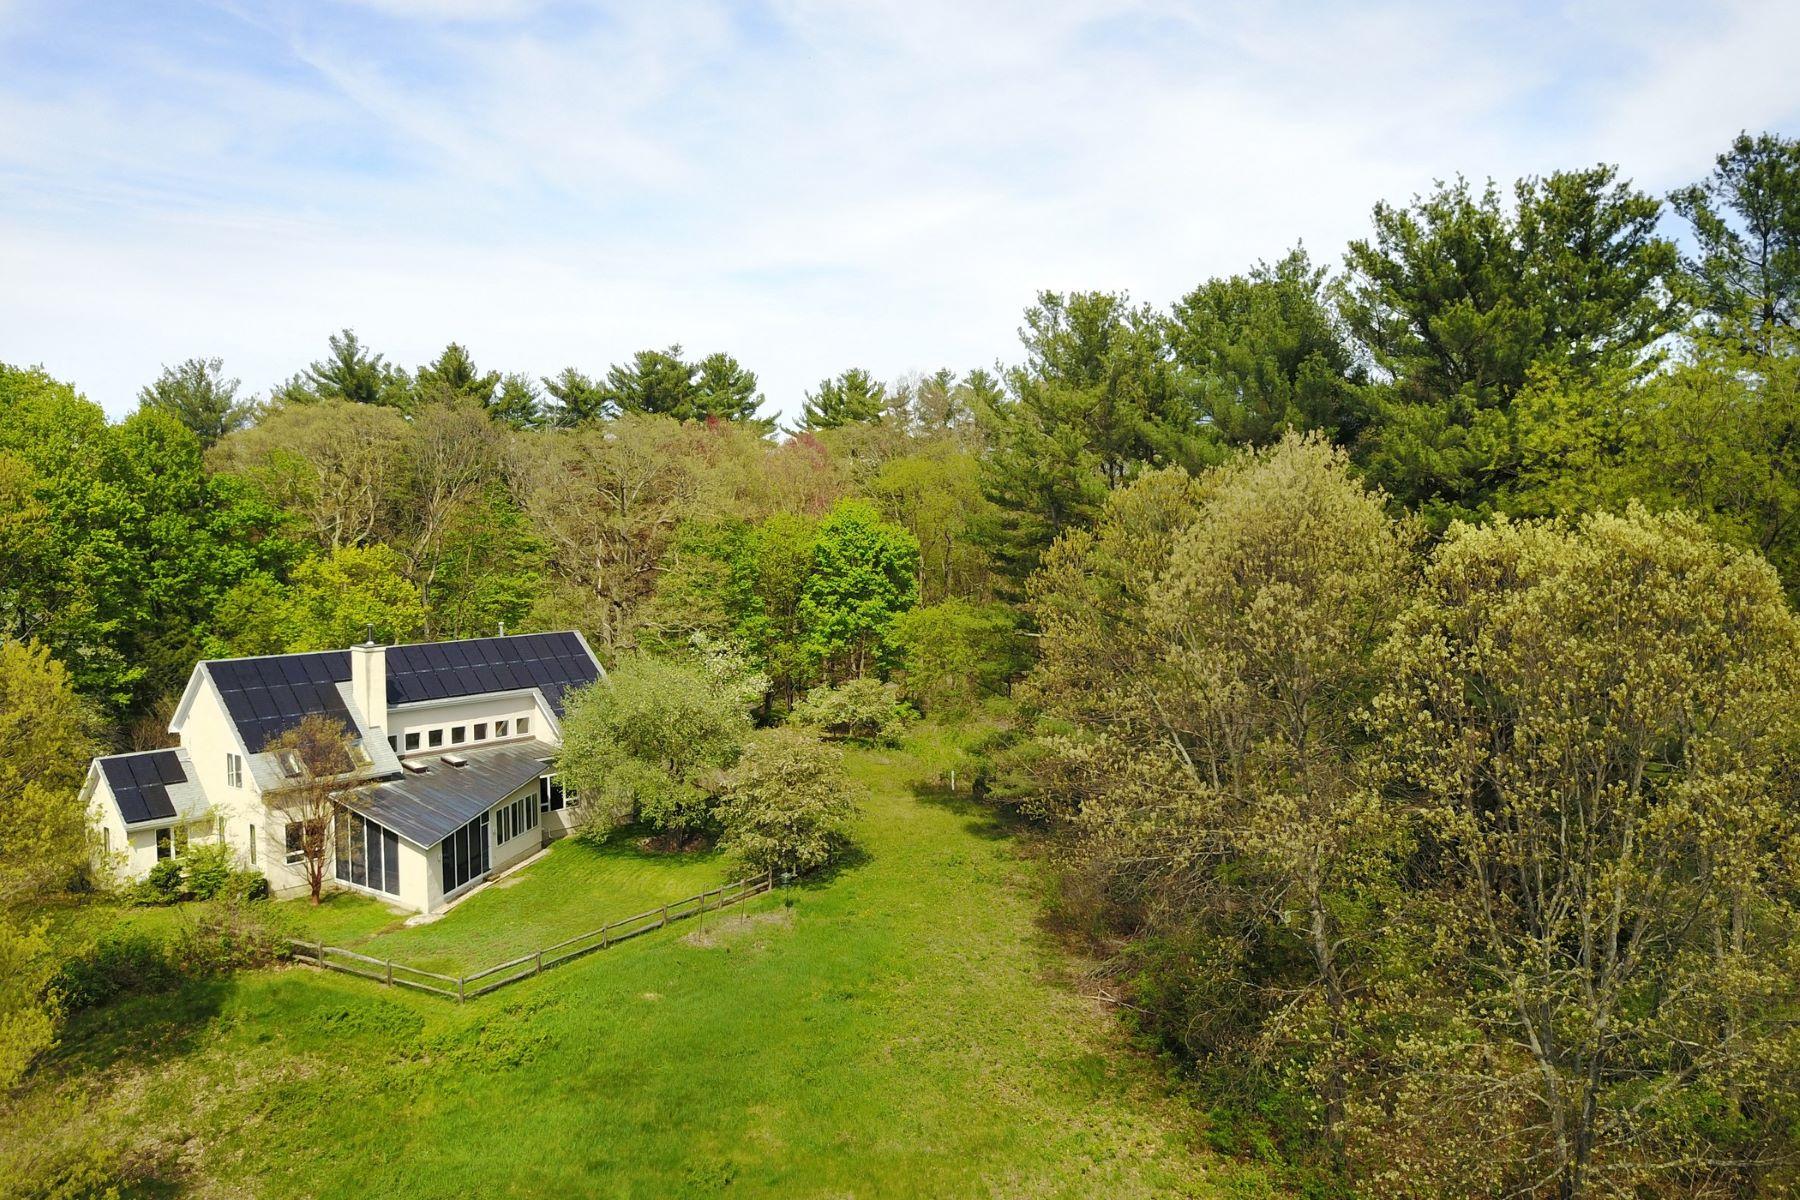 Casa Unifamiliar por un Venta en Refined modern home design 76 Trapelo Road Lincoln, Massachusetts, 01773 Estados Unidos